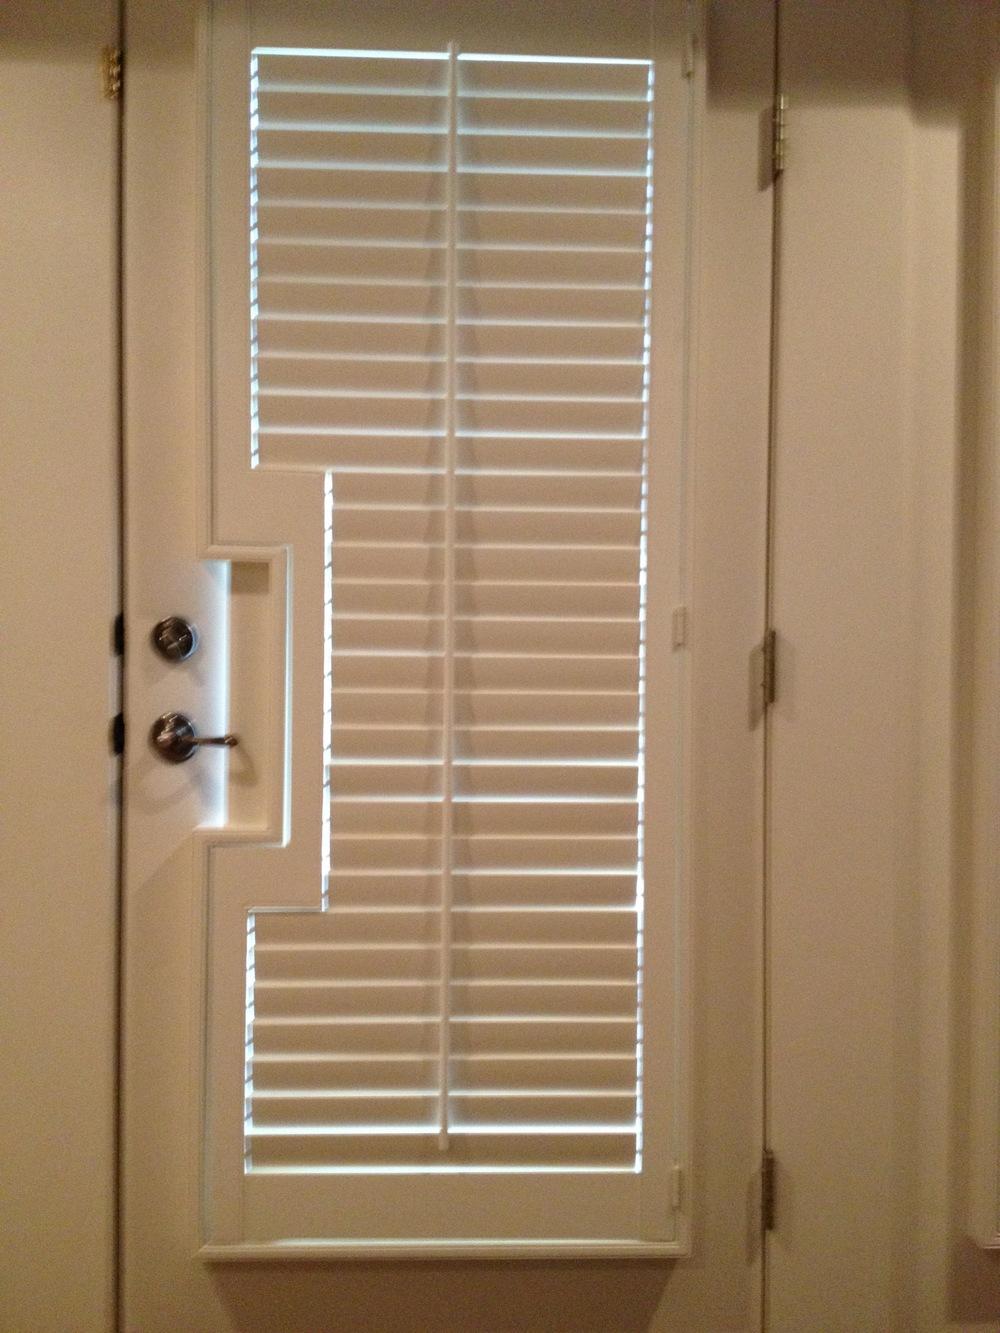 Norman 2 1_2 inch Composite Shutter with Door Handle Cutout.jpg